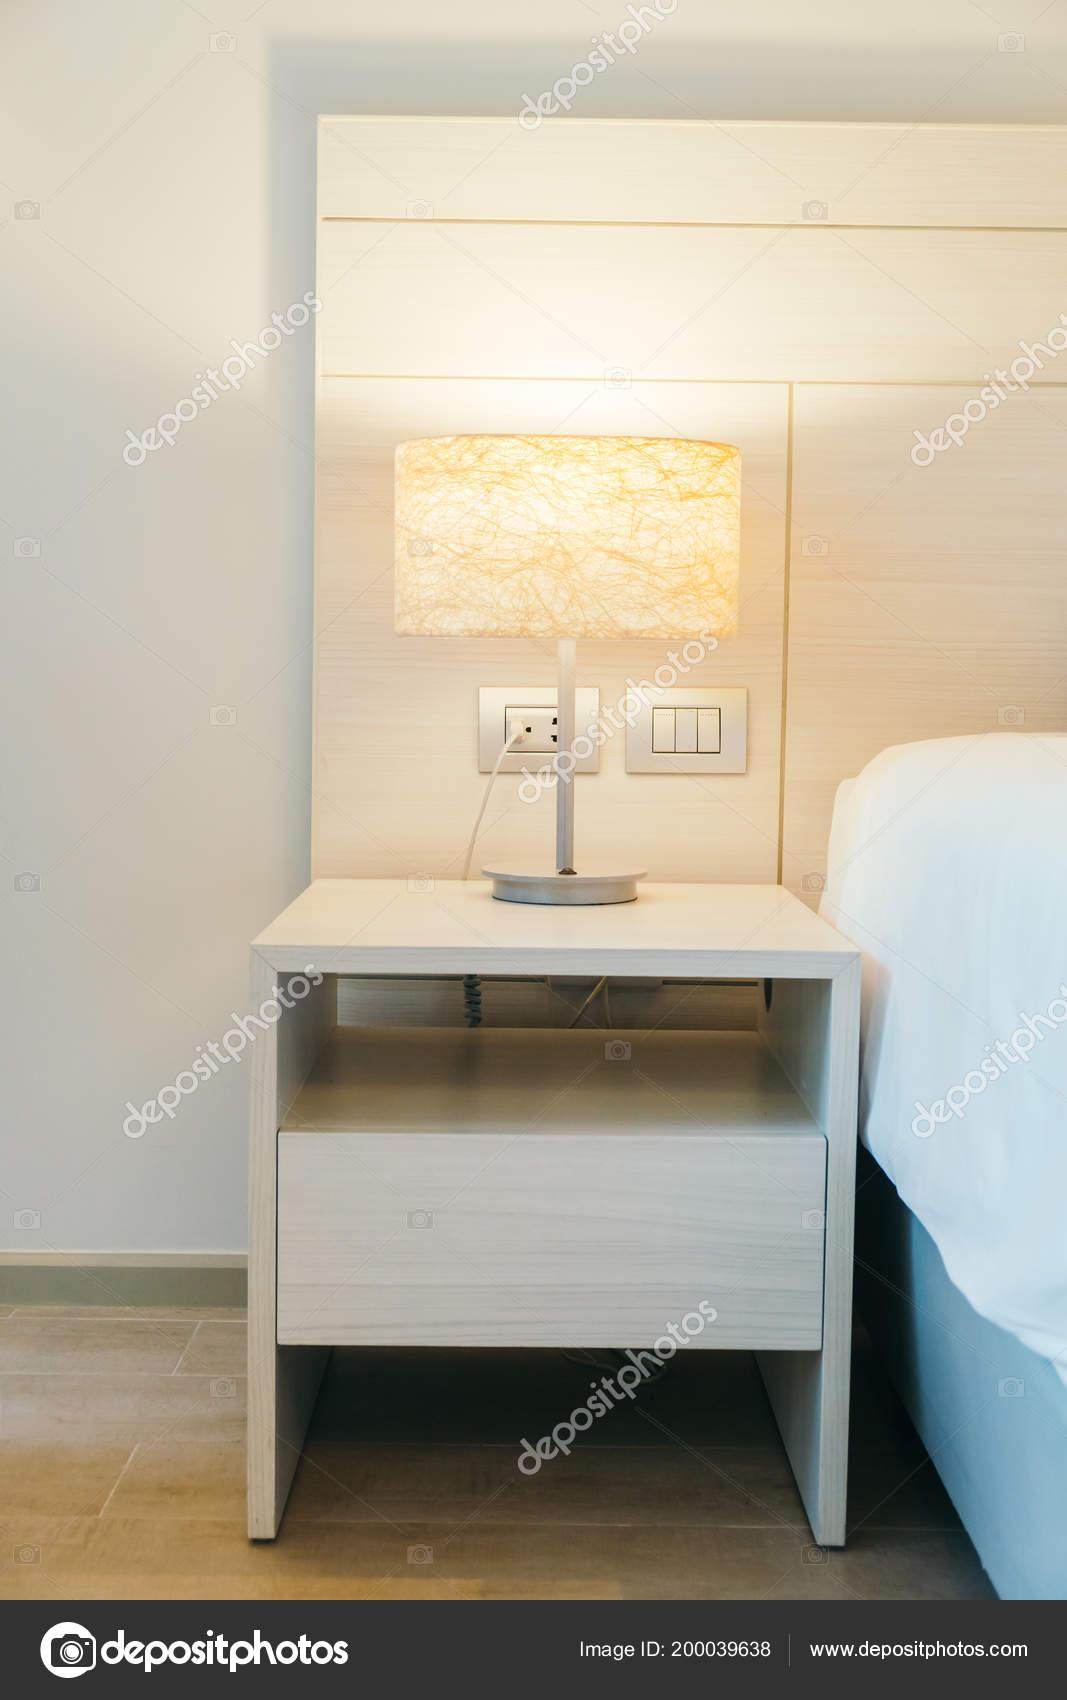 Leuchtlampe Dekoration Schlafzimmer Interieur — Stockfoto ...